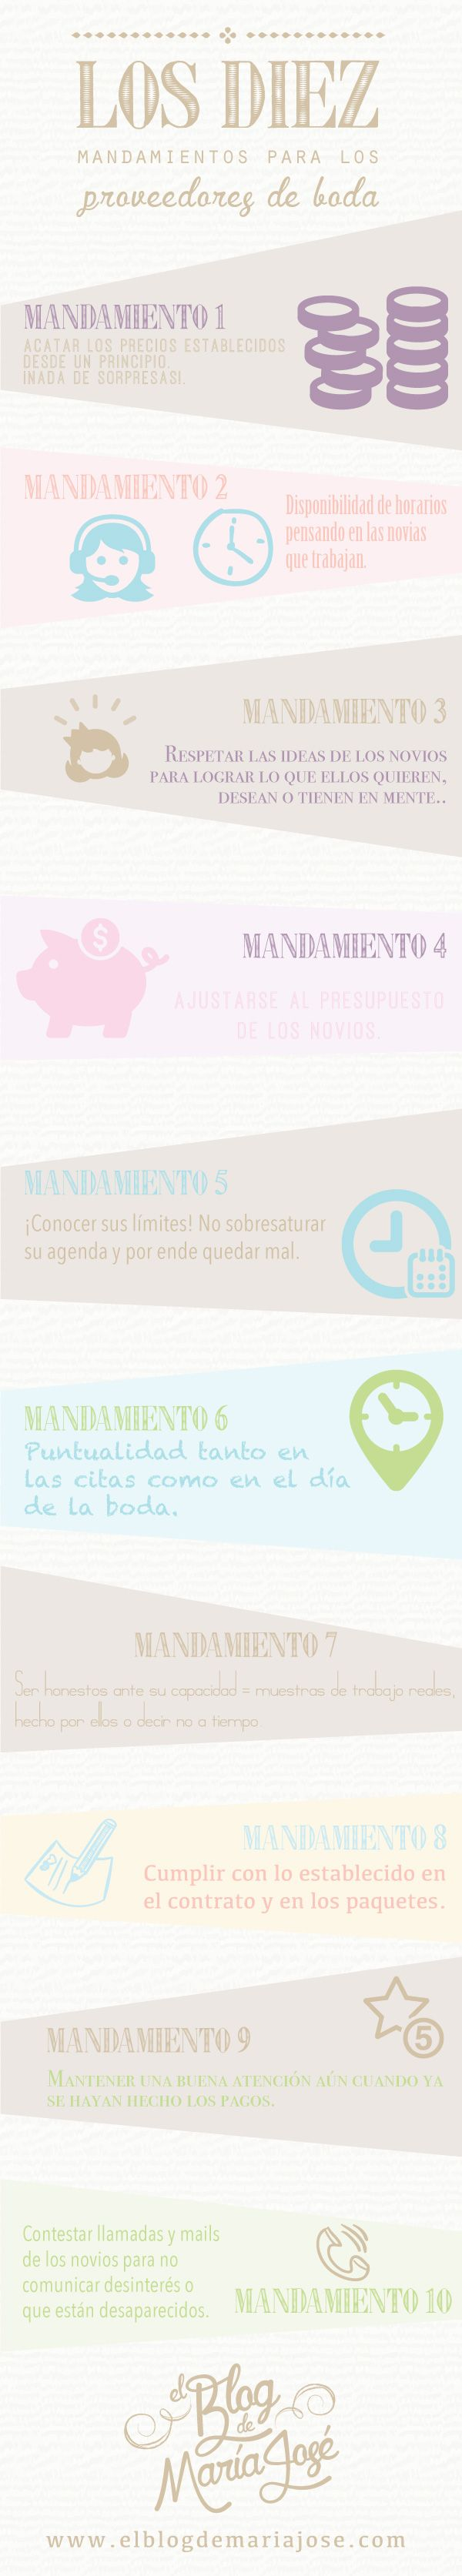 Los diez mandamientos para los proveedores de boda #bodas #ElBlogdeMaríaJosé #proveedoresboda #infografía